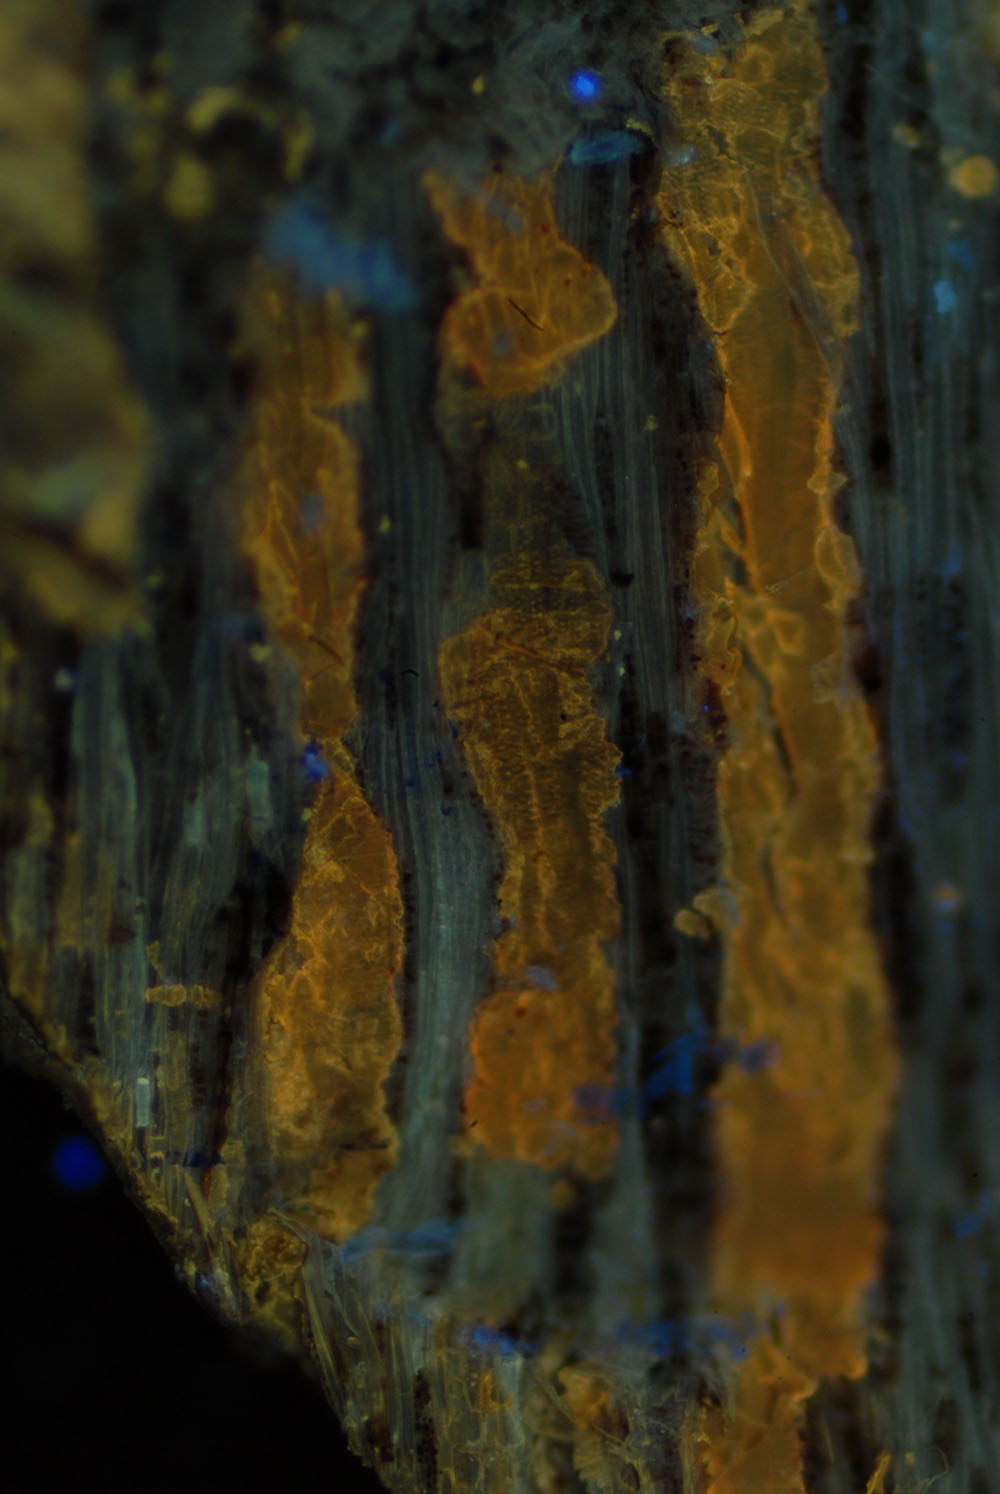 11 sezione lucida - rinvenimento di gommalacca posta tra le fibre lignee